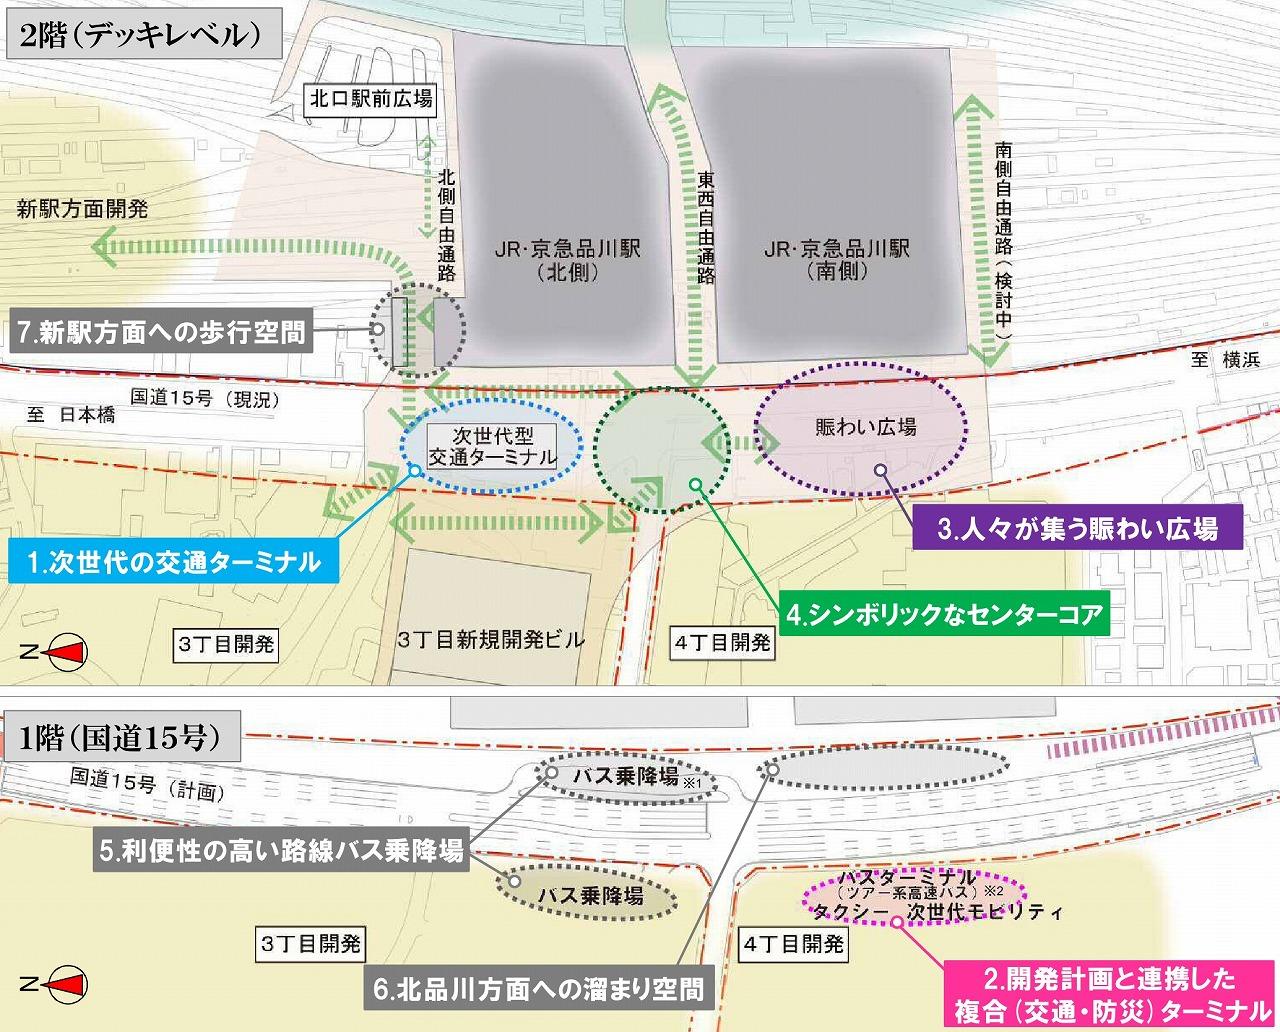 品川駅改良計画